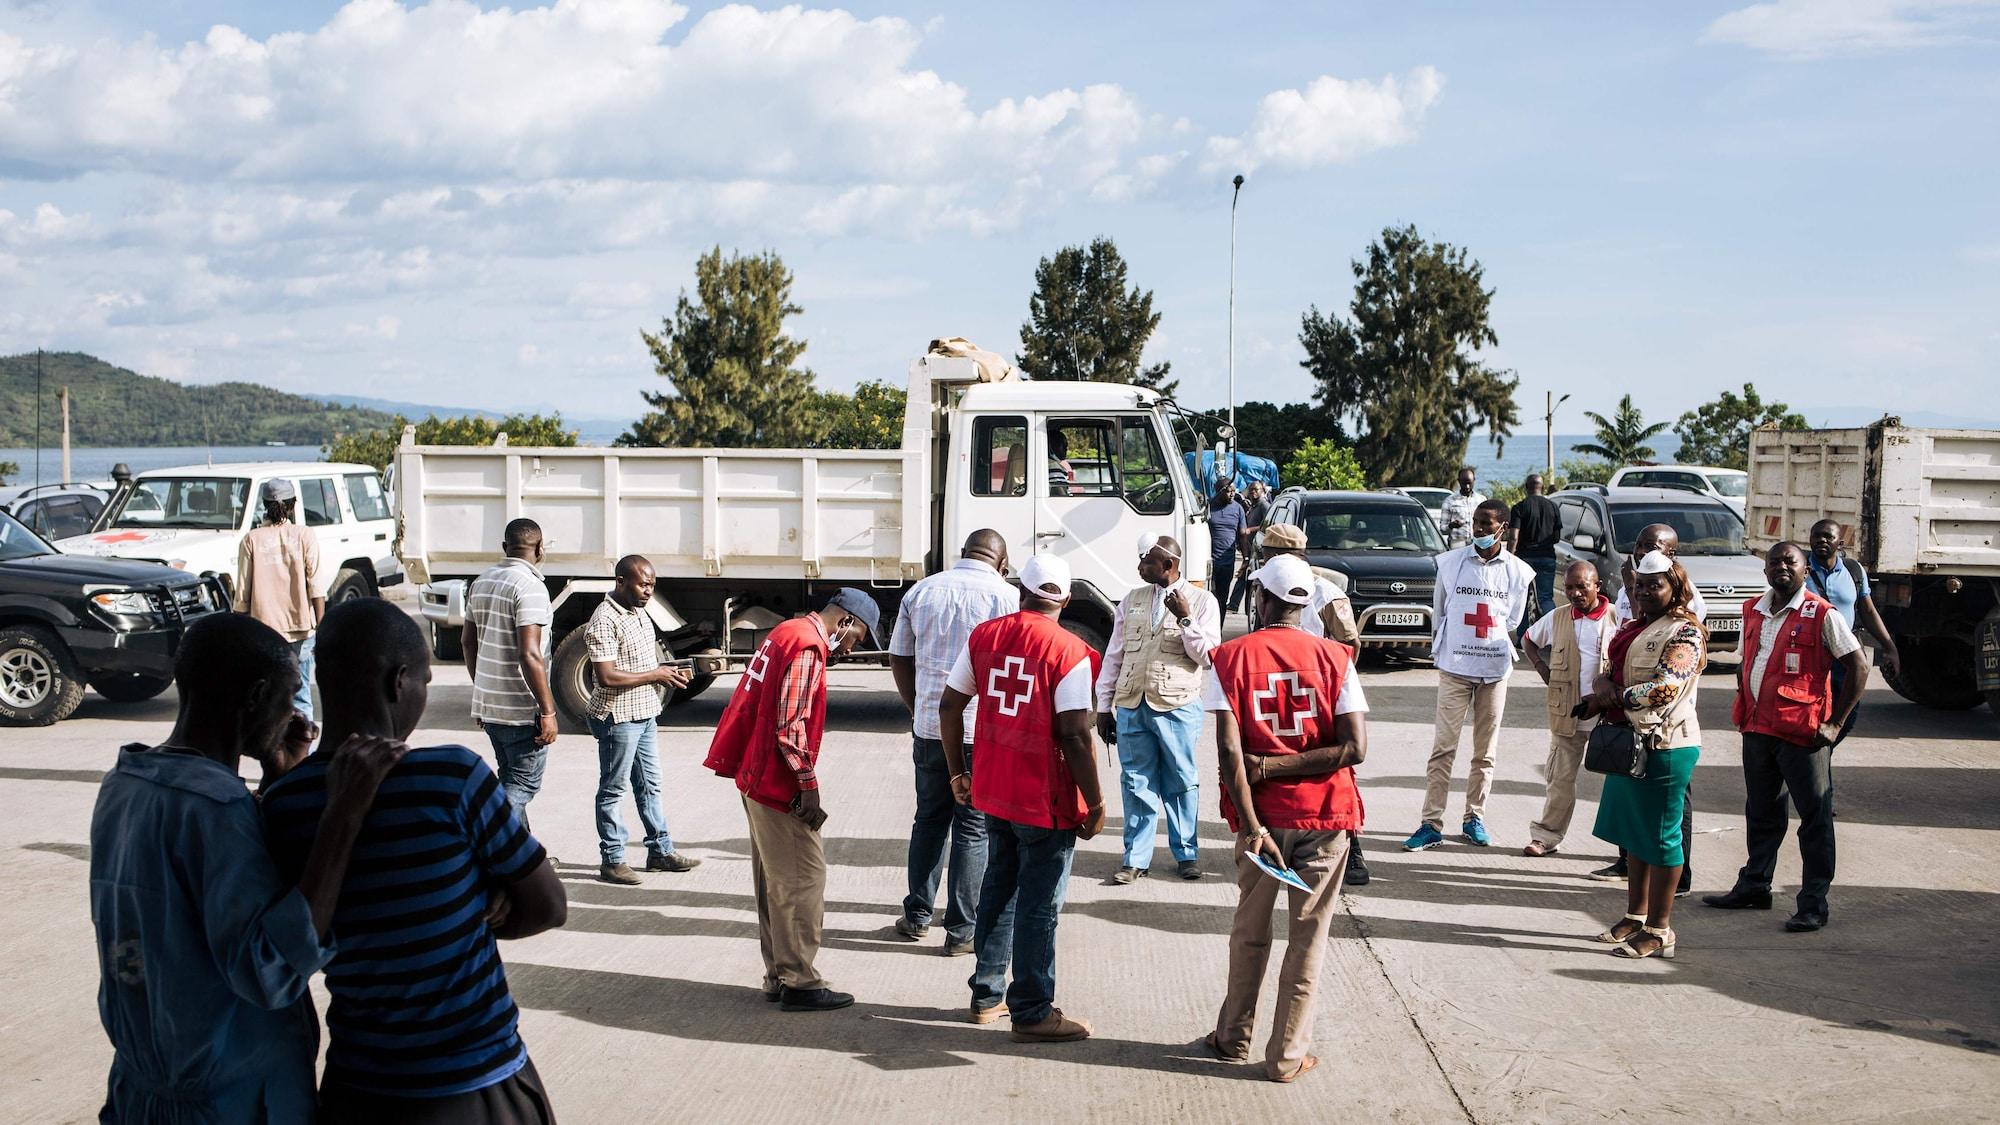 Bootsunglück: 30 Tote im Kongo und Ruanda geborgen